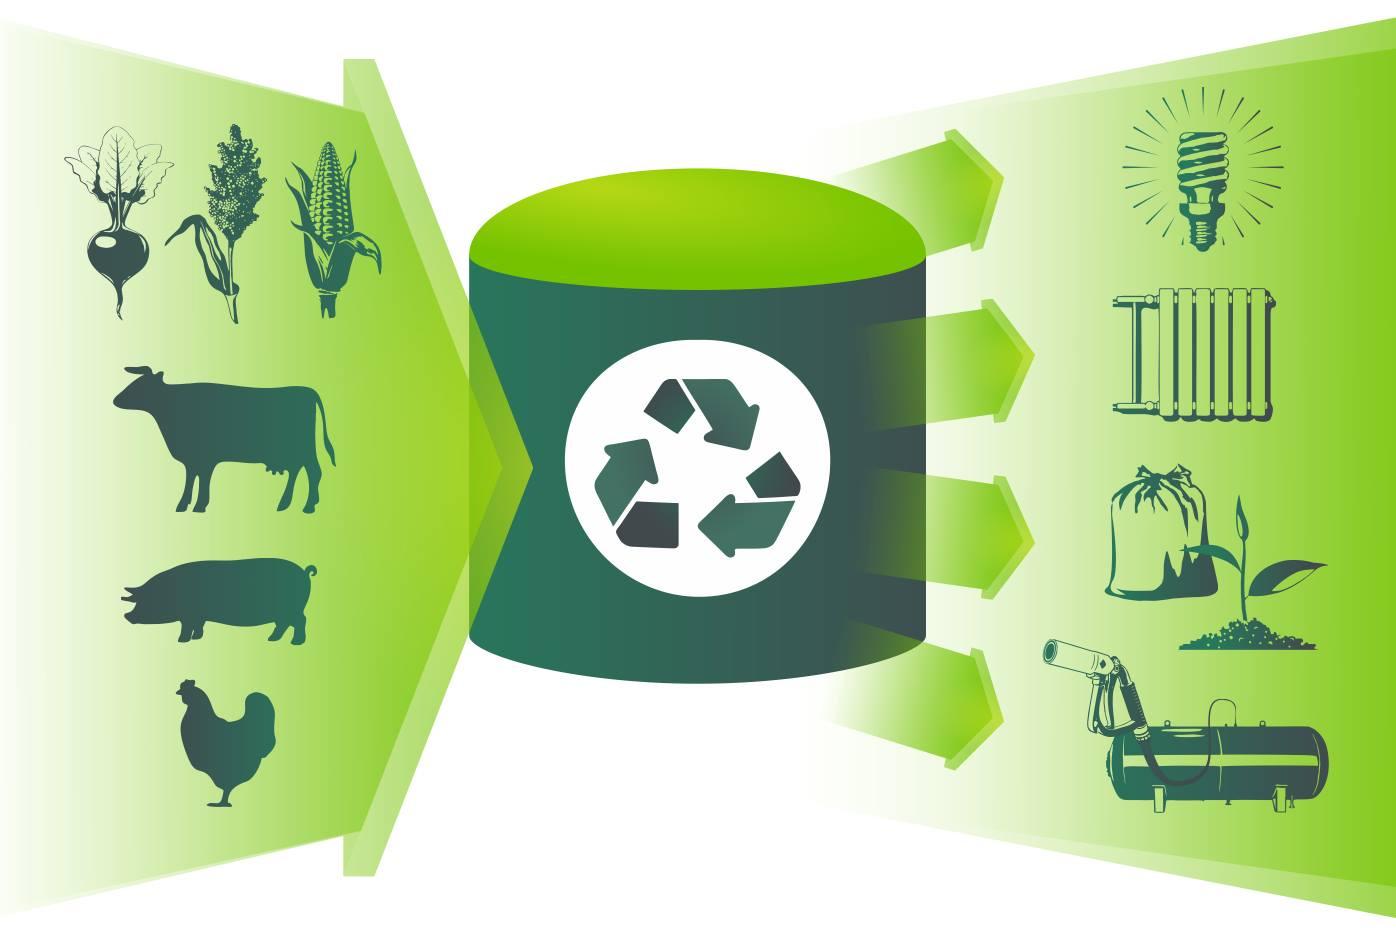 Використання біогазу допоможе знизити викид СО2 і поліпшити екологію